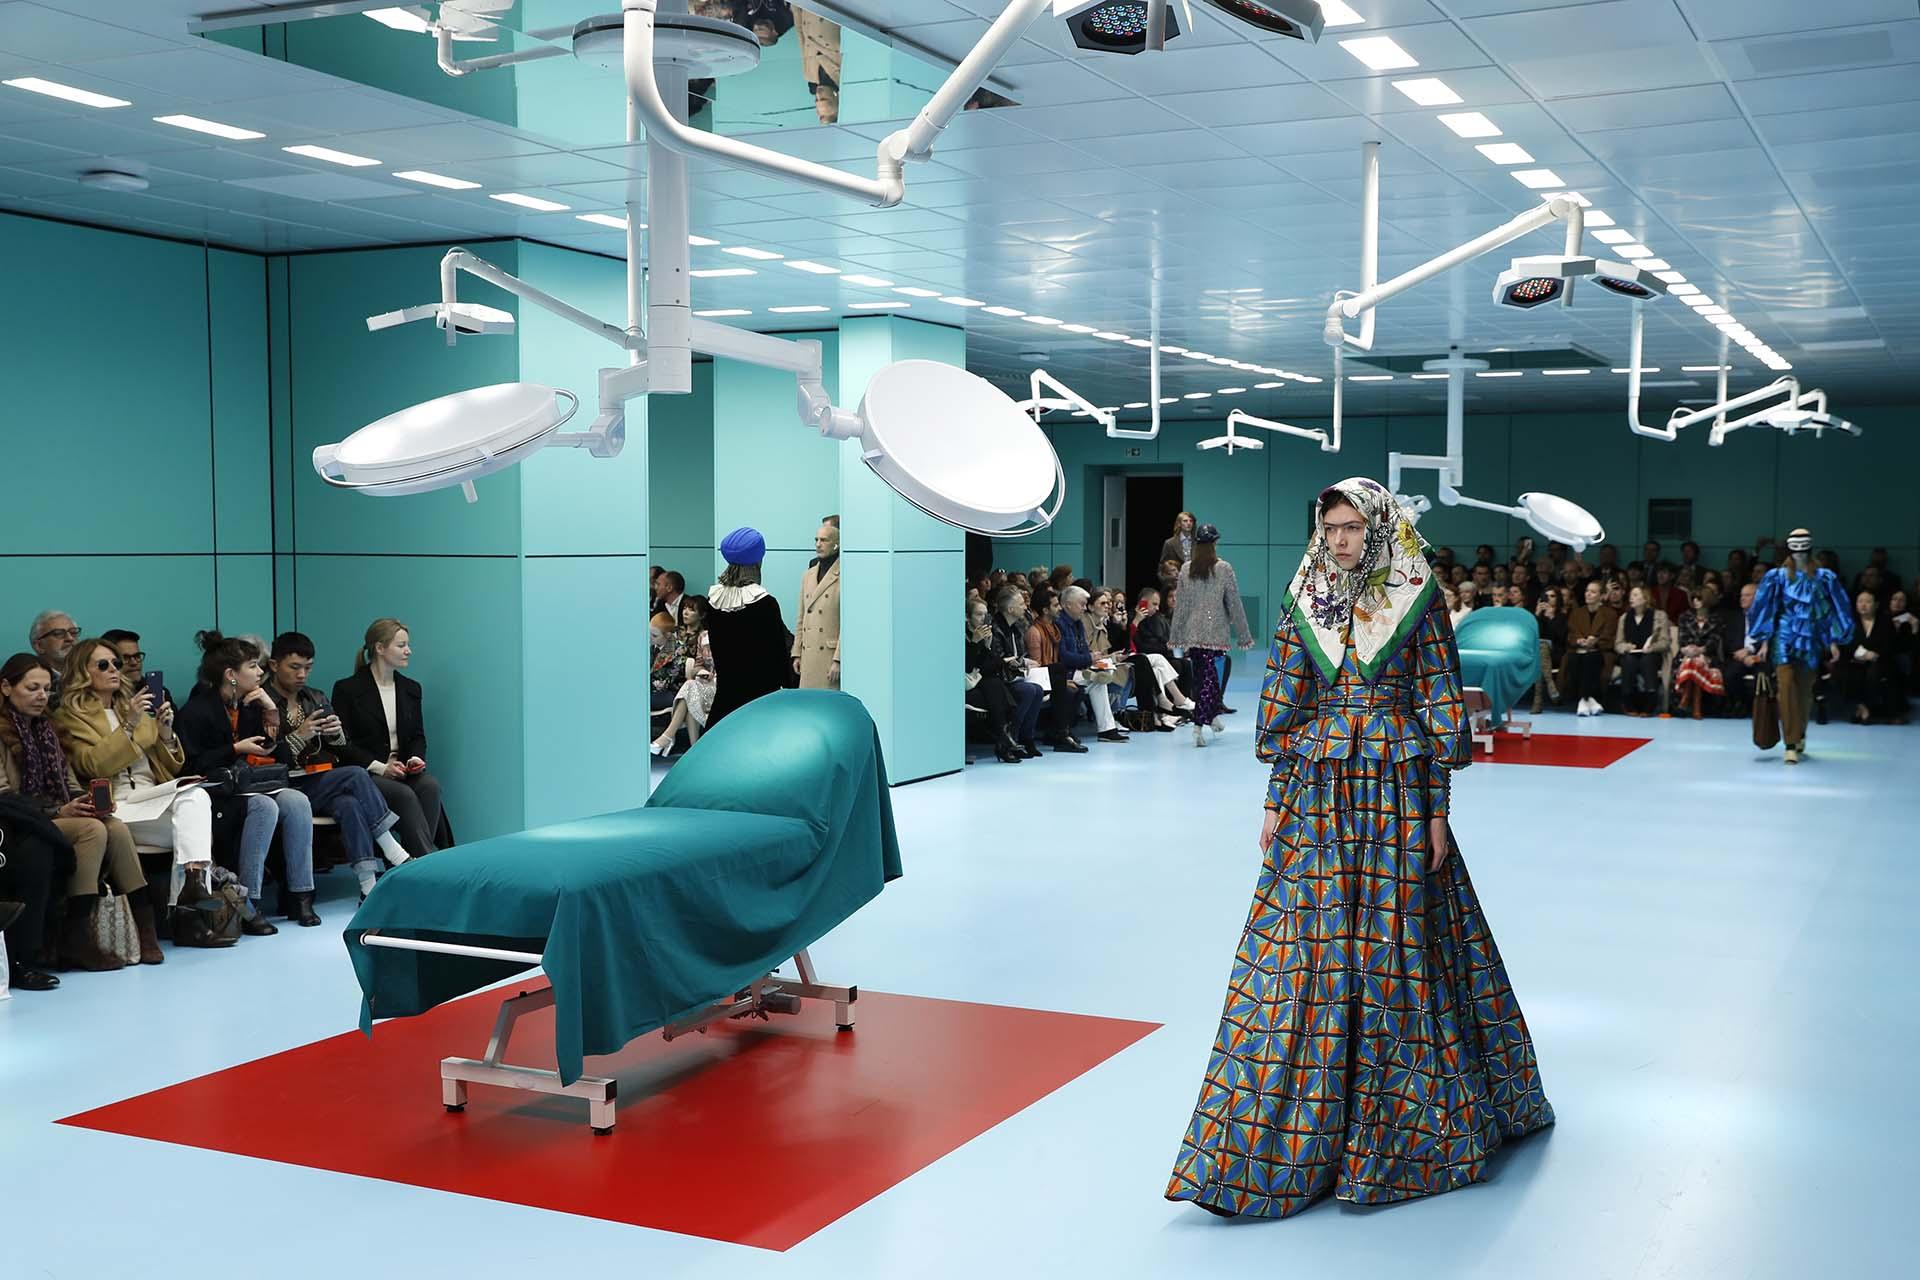 El desfile de Gucci fue el más esperado de la semana de la moda en Milán.